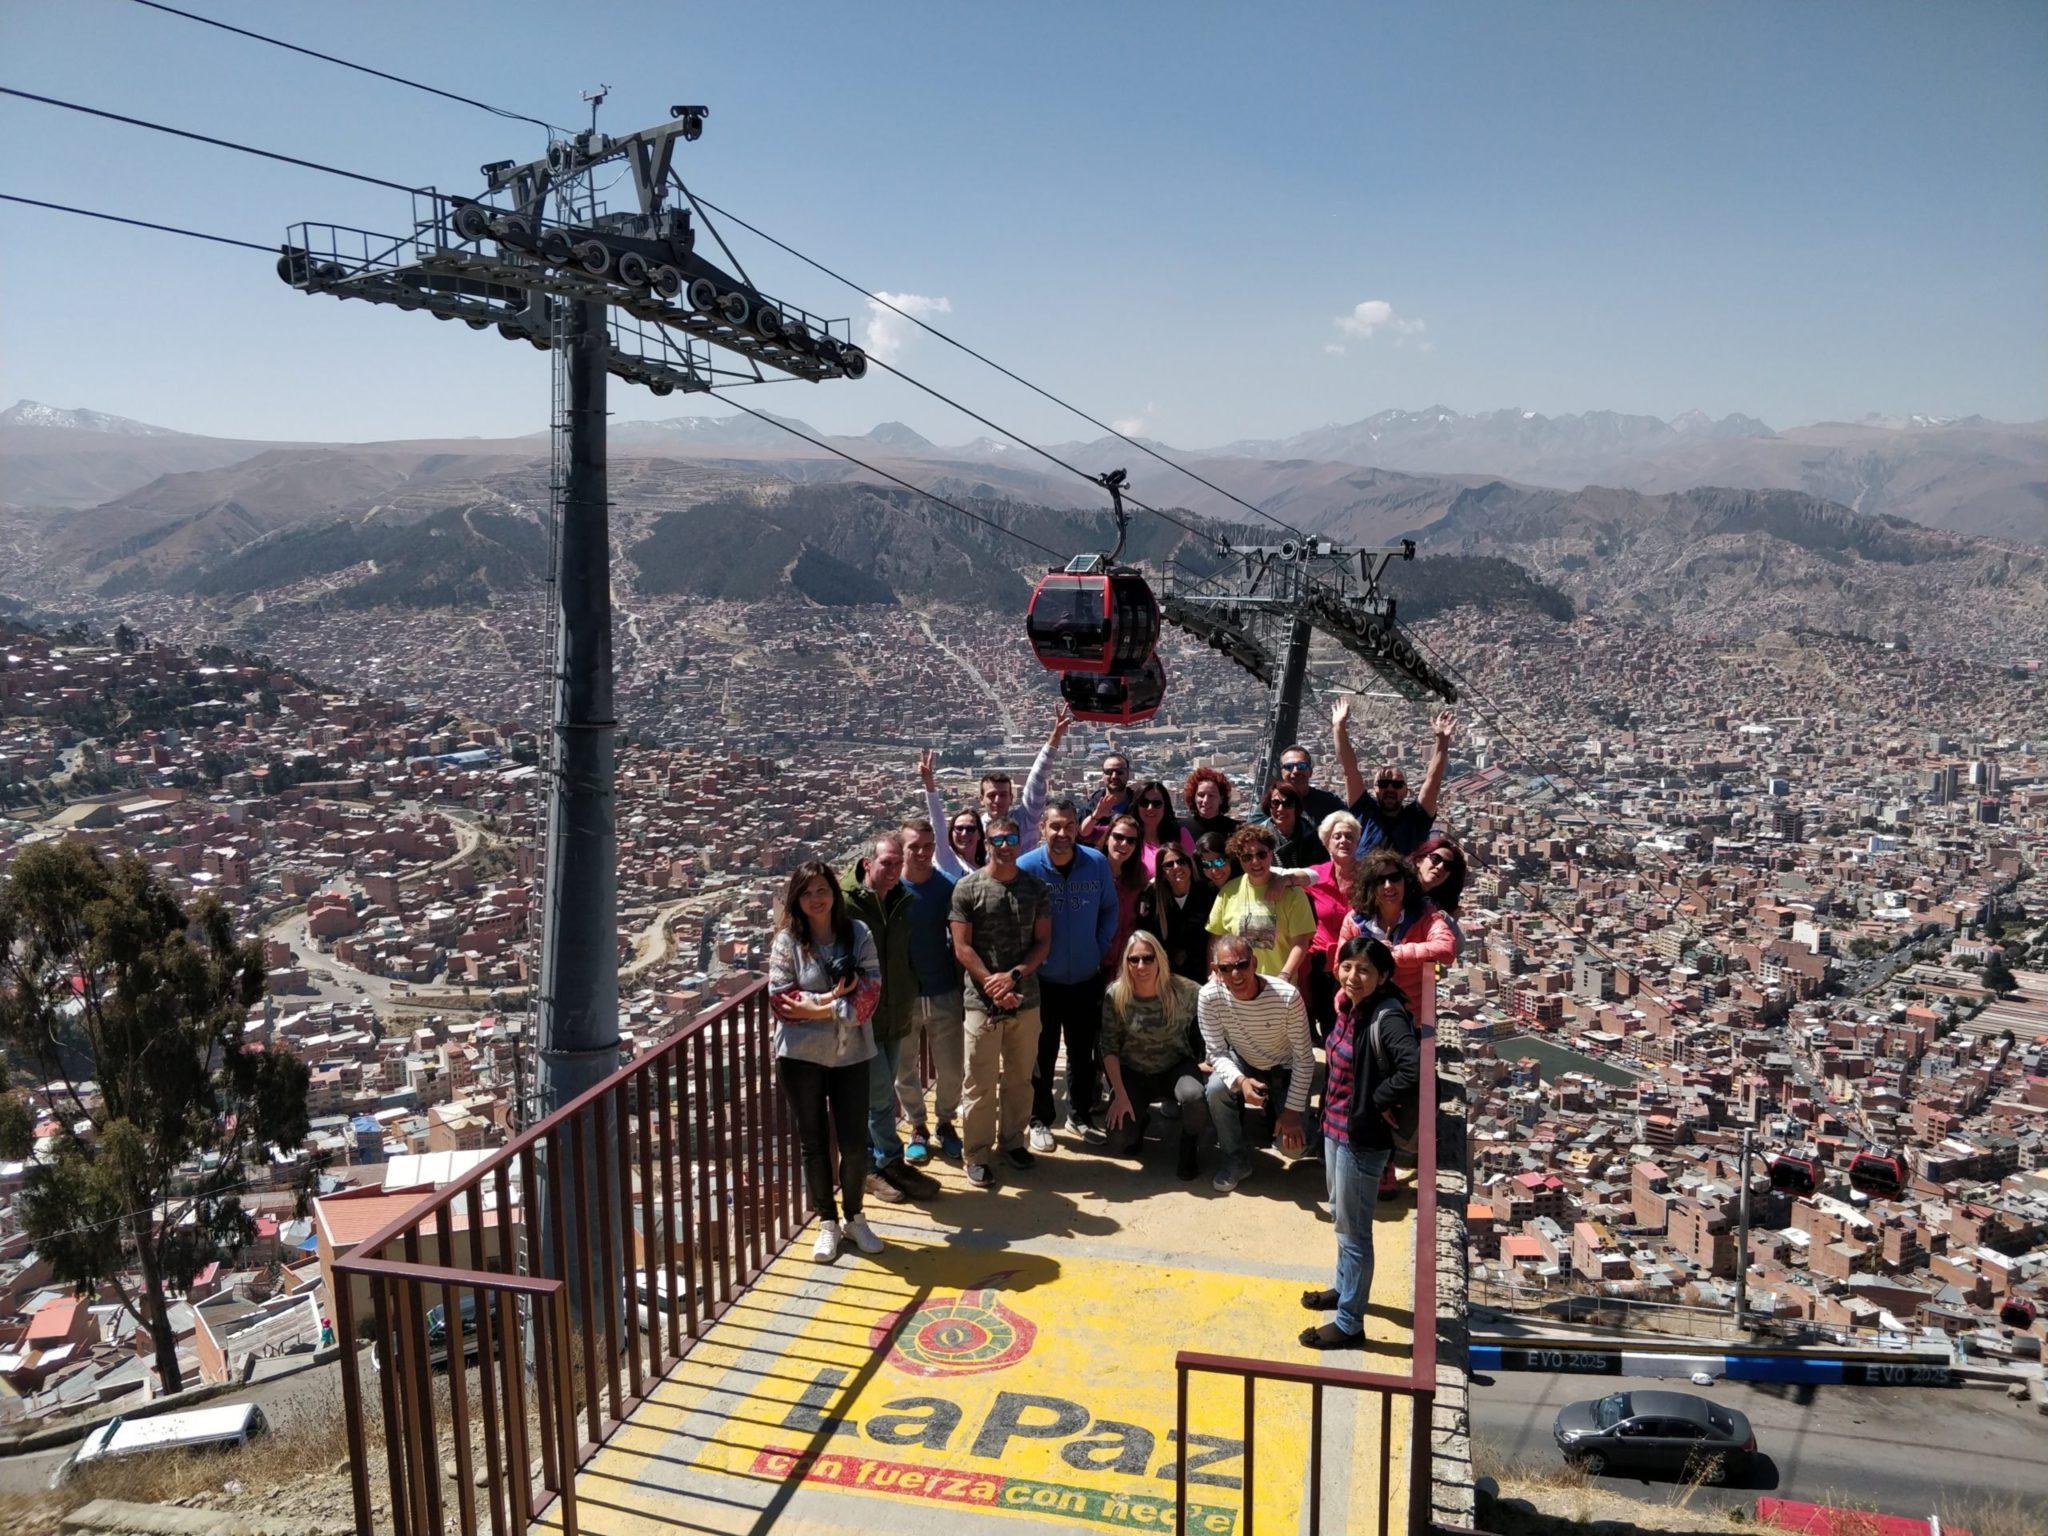 Με την παρέα των locasbotas.gr στη La Paz